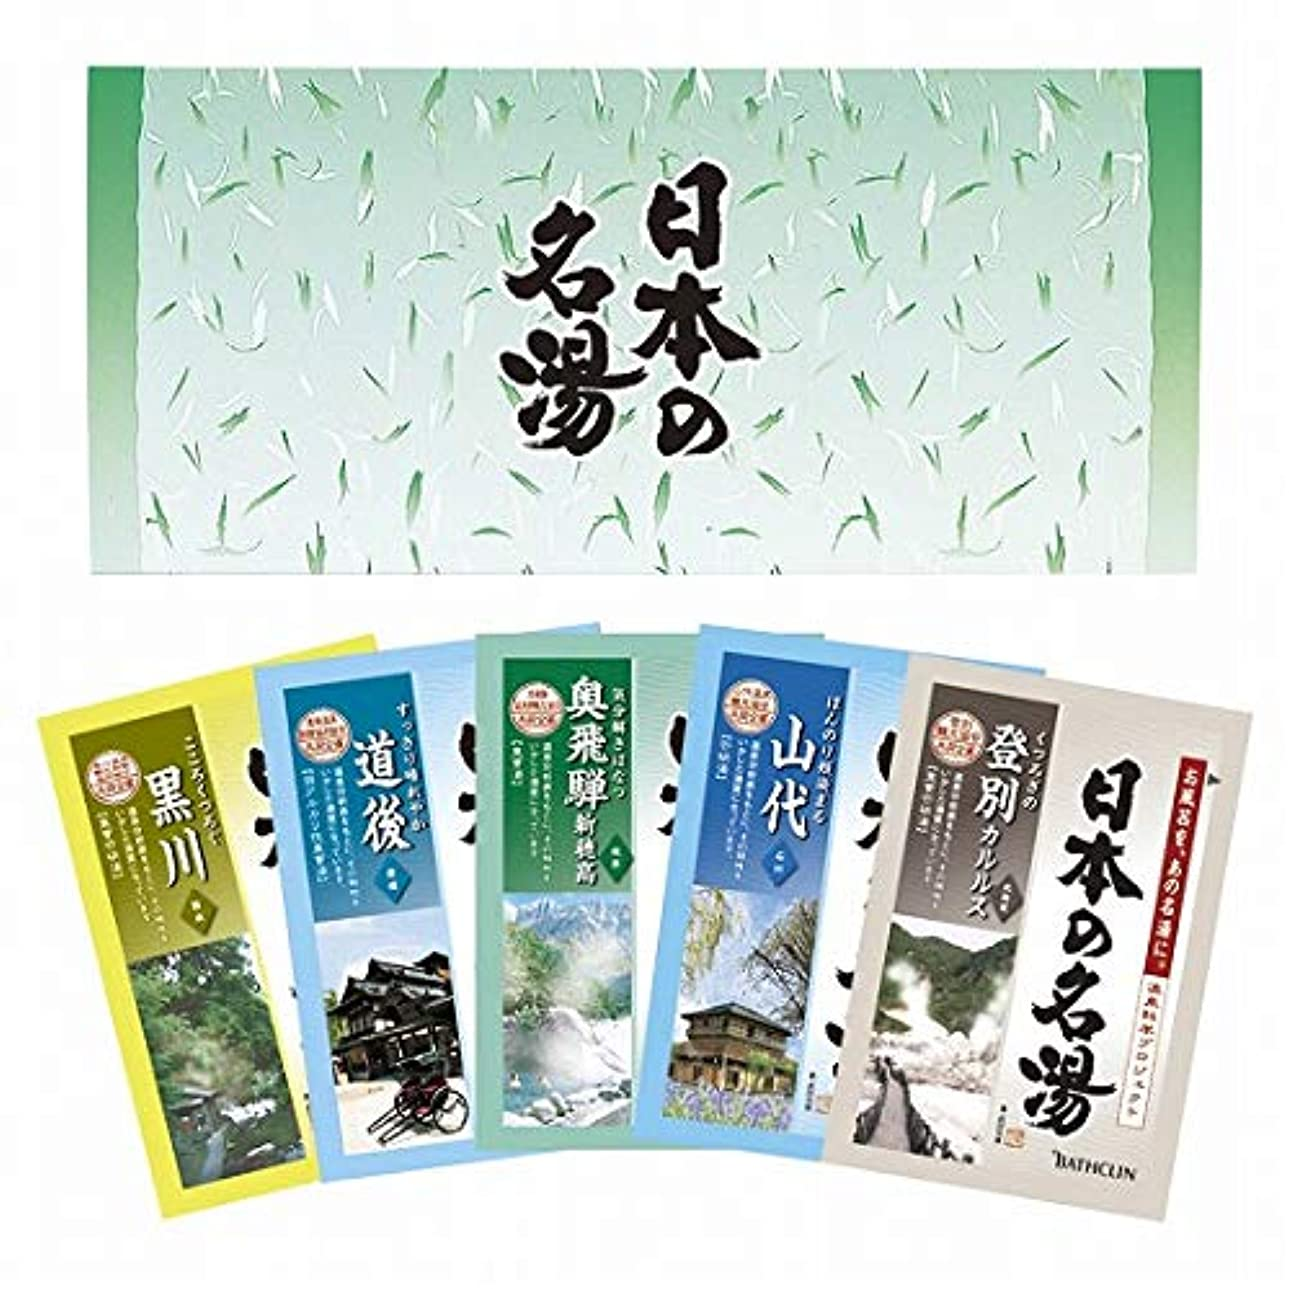 ドリンク誠実飲み込む日本の名湯5包セット